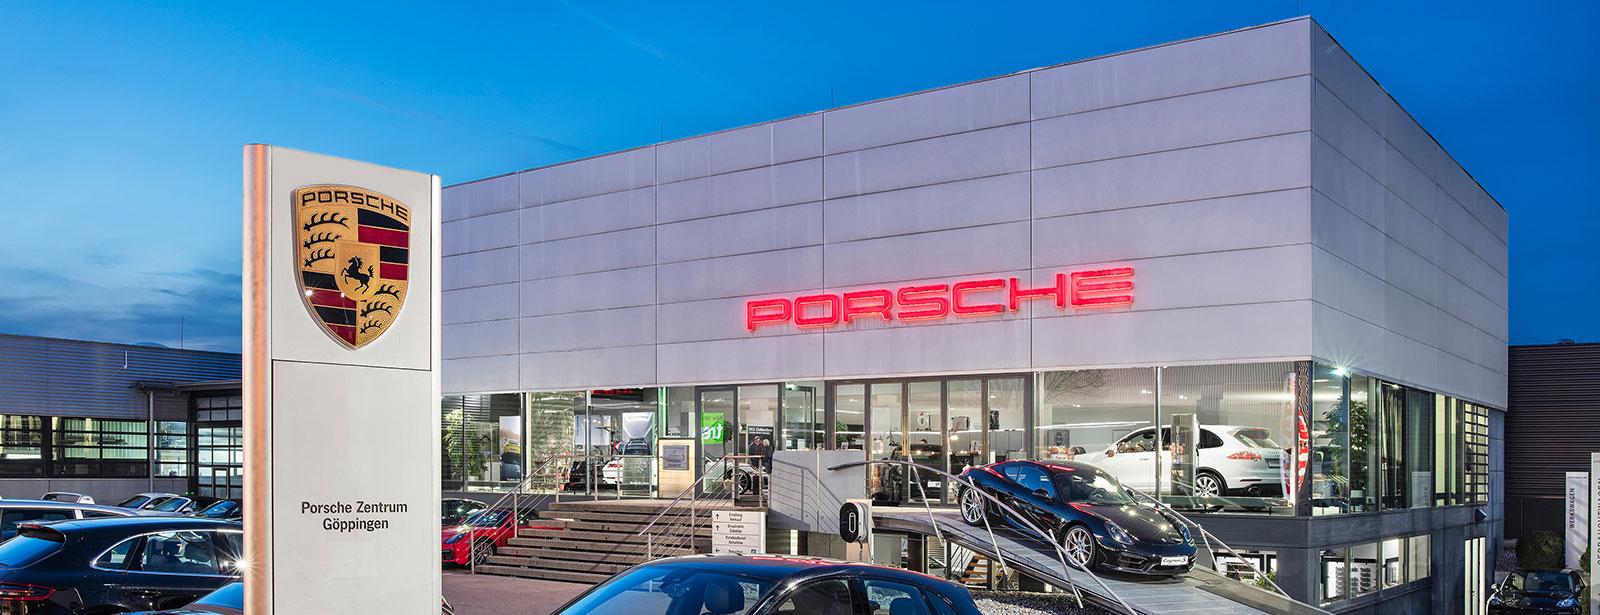 Porsche zentrum b blingen unsere porsche zentren for Porsche zentrum boblingen